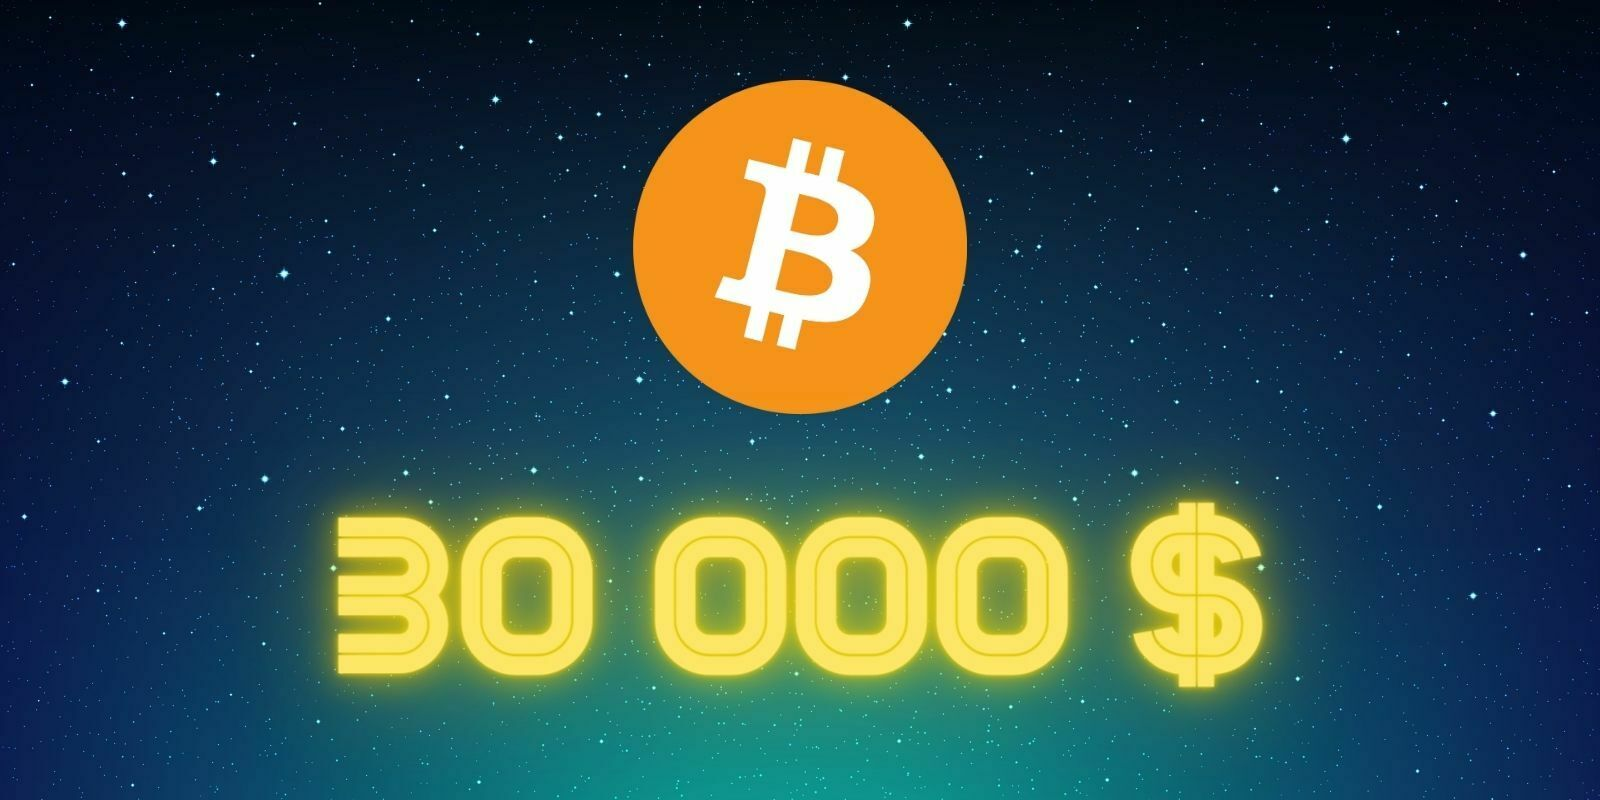 Le Bitcoin (BTC) franchit la barre des 30 000 $